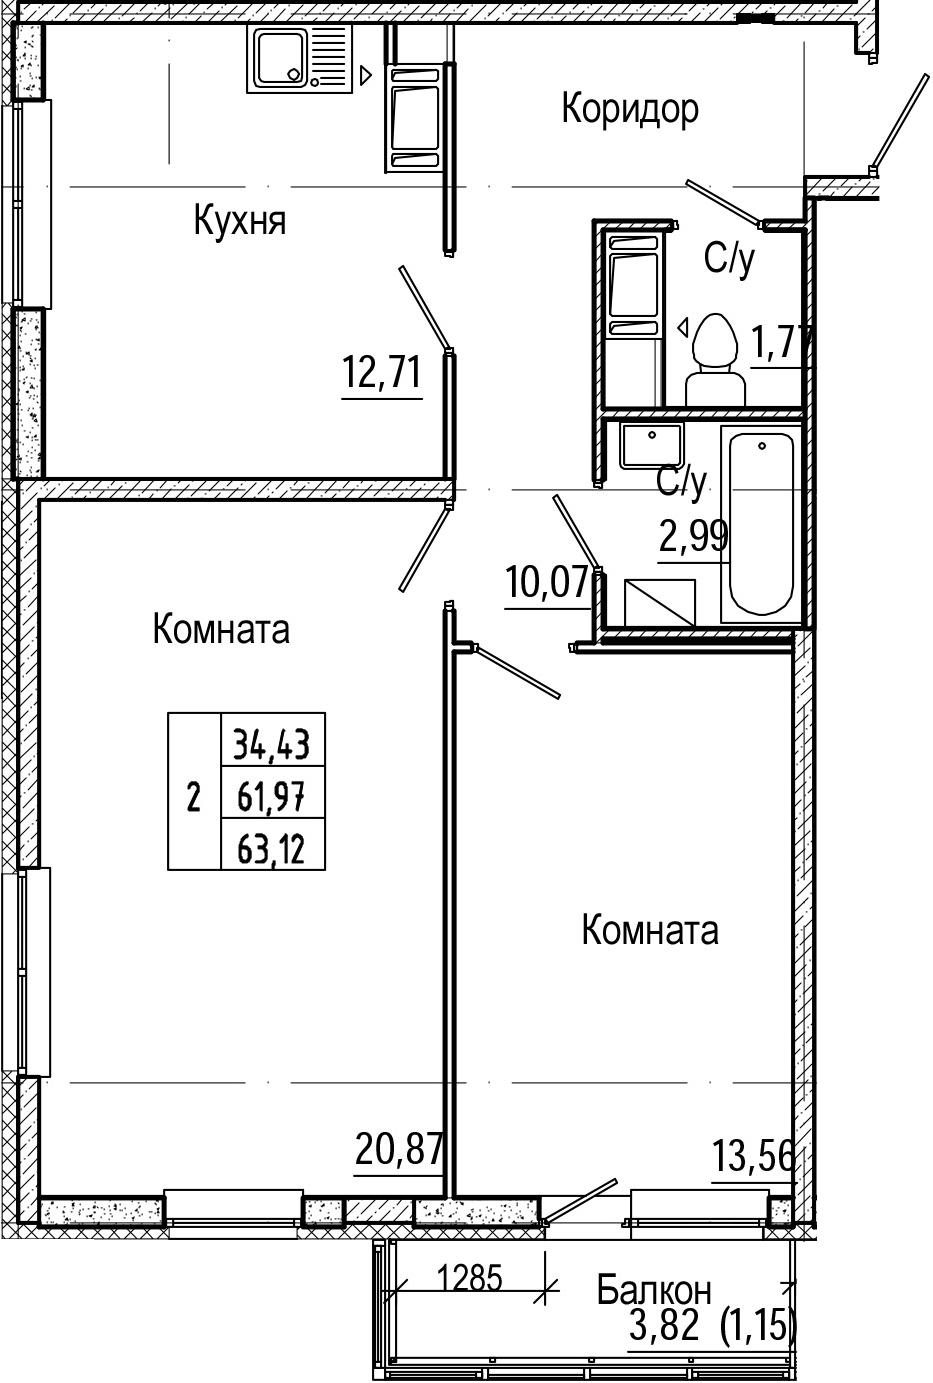 2-комнатная, 63.12 м²– 2